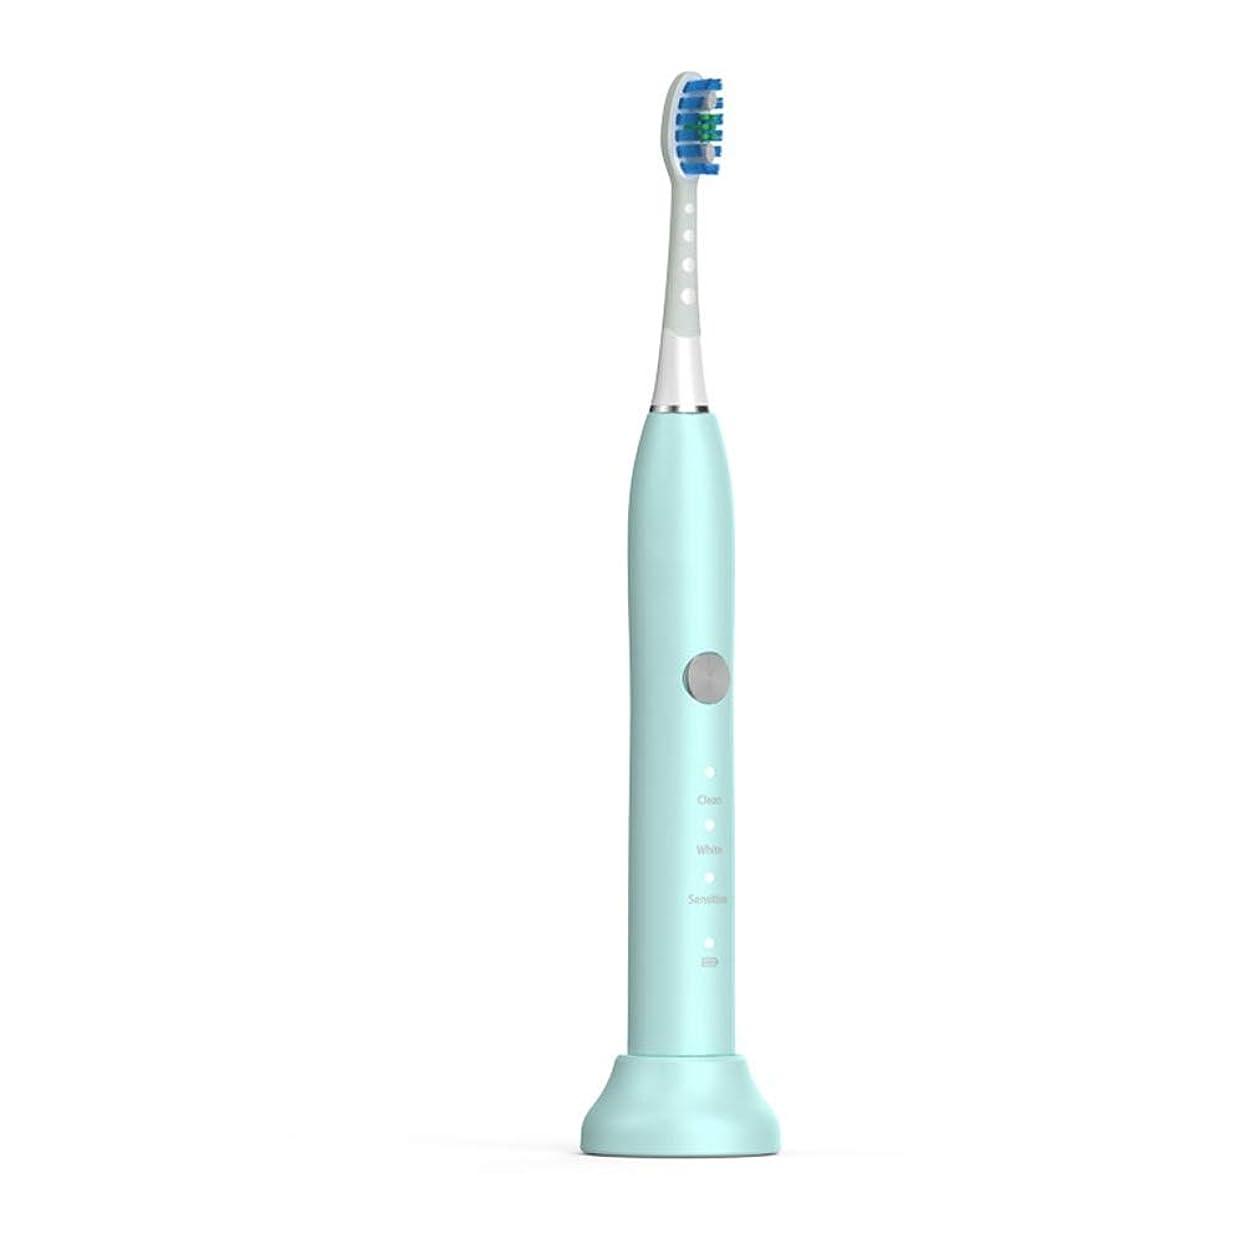 砲撃欠かせない同志電動歯ブラシ USB充電ベースホルダー付き電動歯ブラシ柔らかい髪の保護用清潔な歯ブラシ歯科医推奨 (色 : 緑, サイズ : Free size)